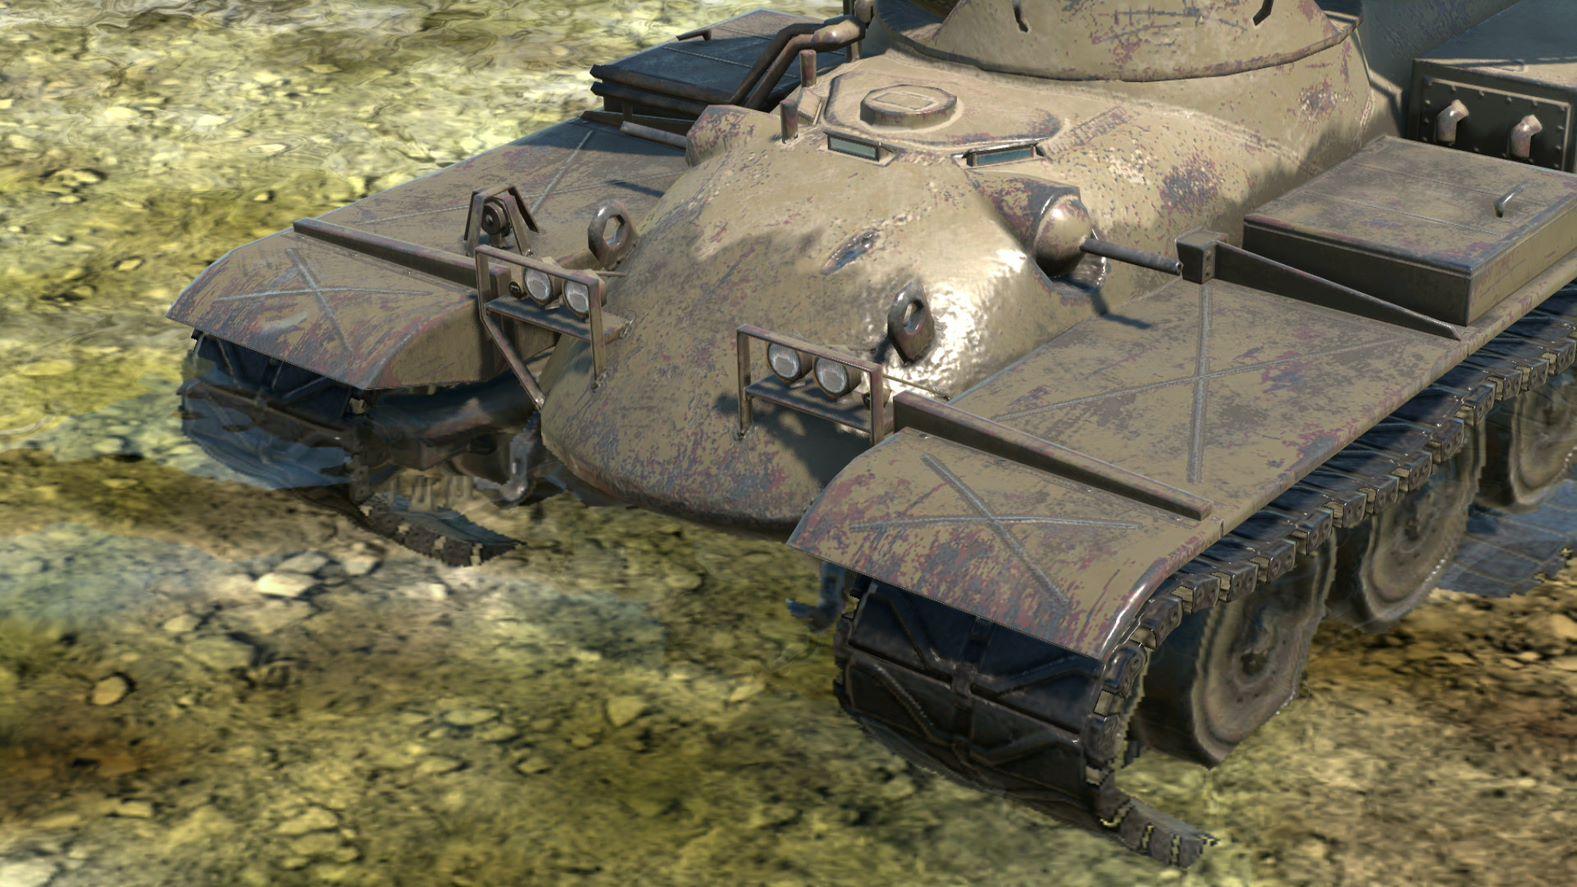 Перший час після контакту з водою танк залишатиметься мокрим / фото wargaming.net